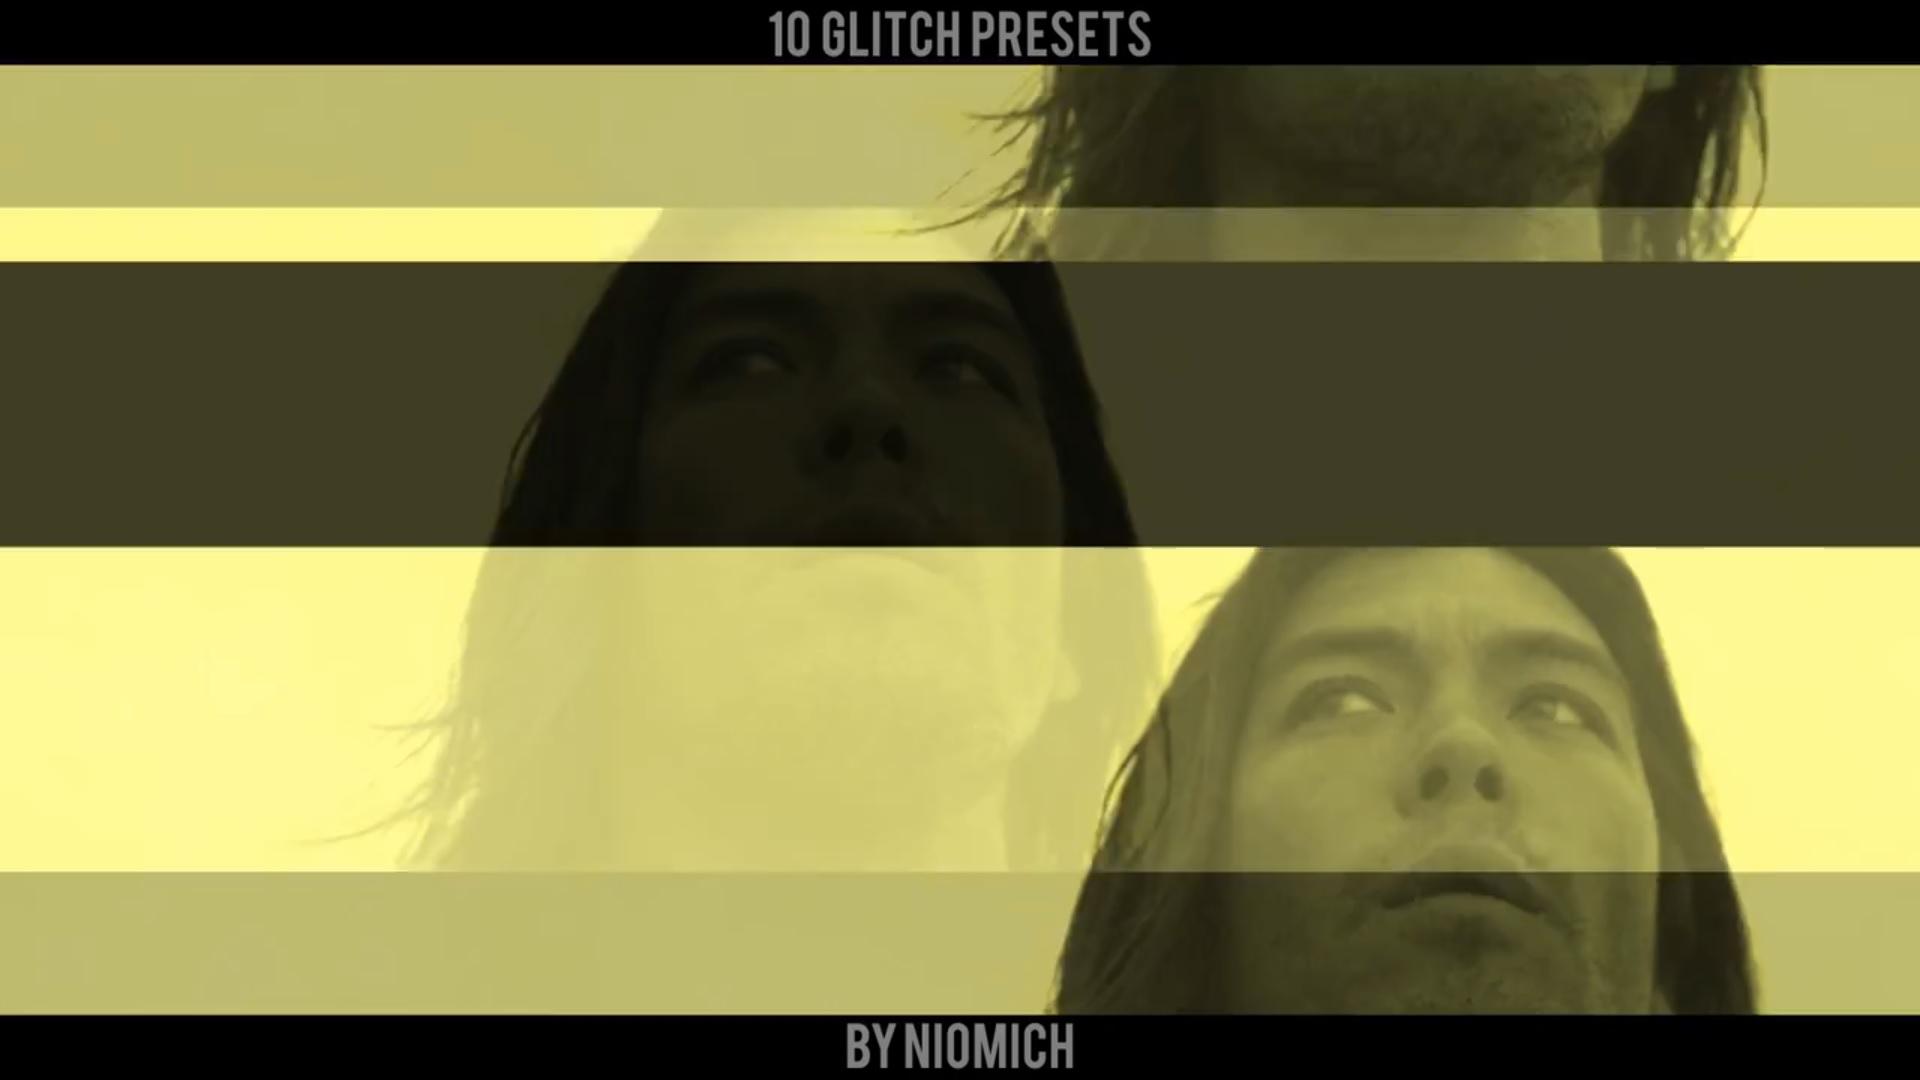 Fast Glitch Presets (Premiere Pro)